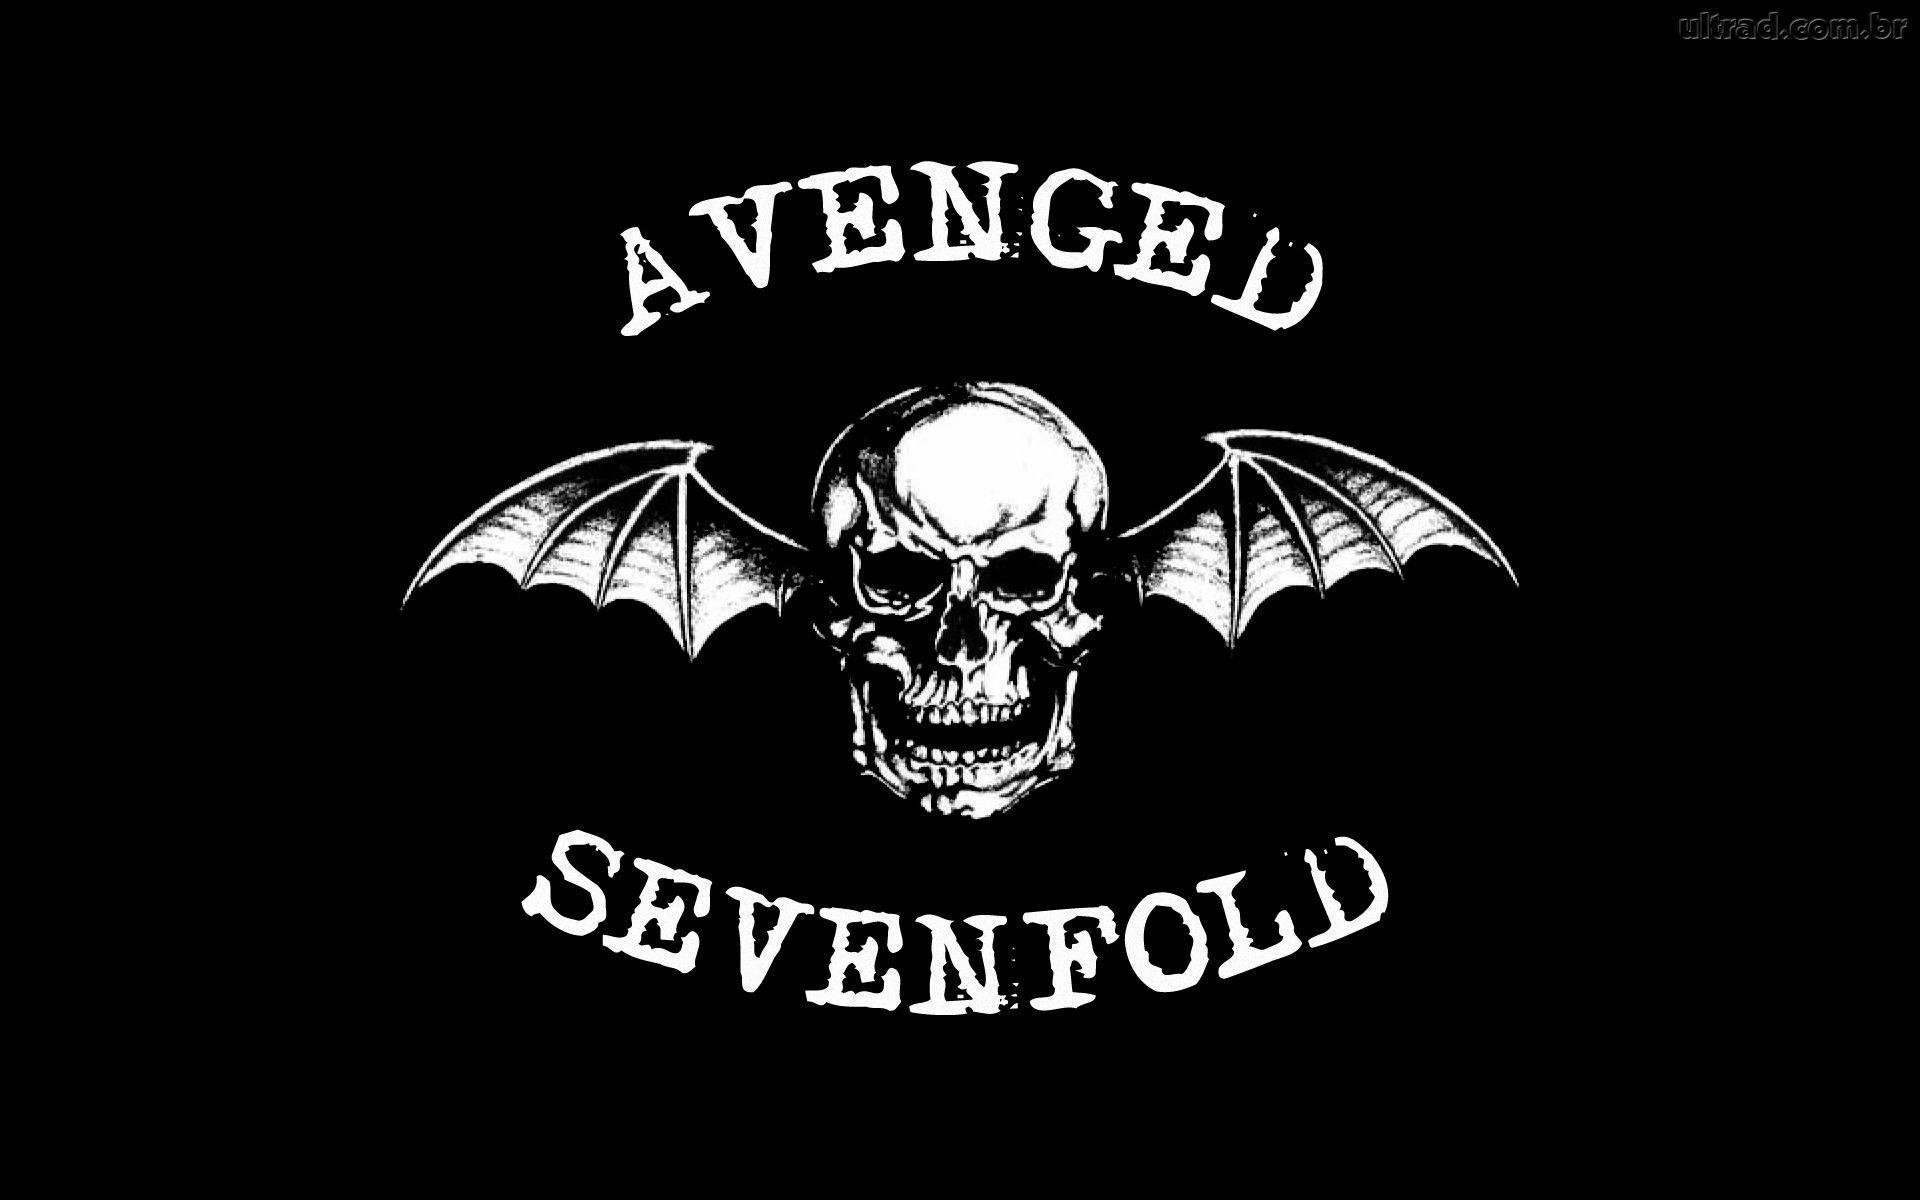 Avenged Sevenfold A7x Logo Best Hd Wallpaper Wawpaper Gambar Keren Avenged Sevenfold Gambar